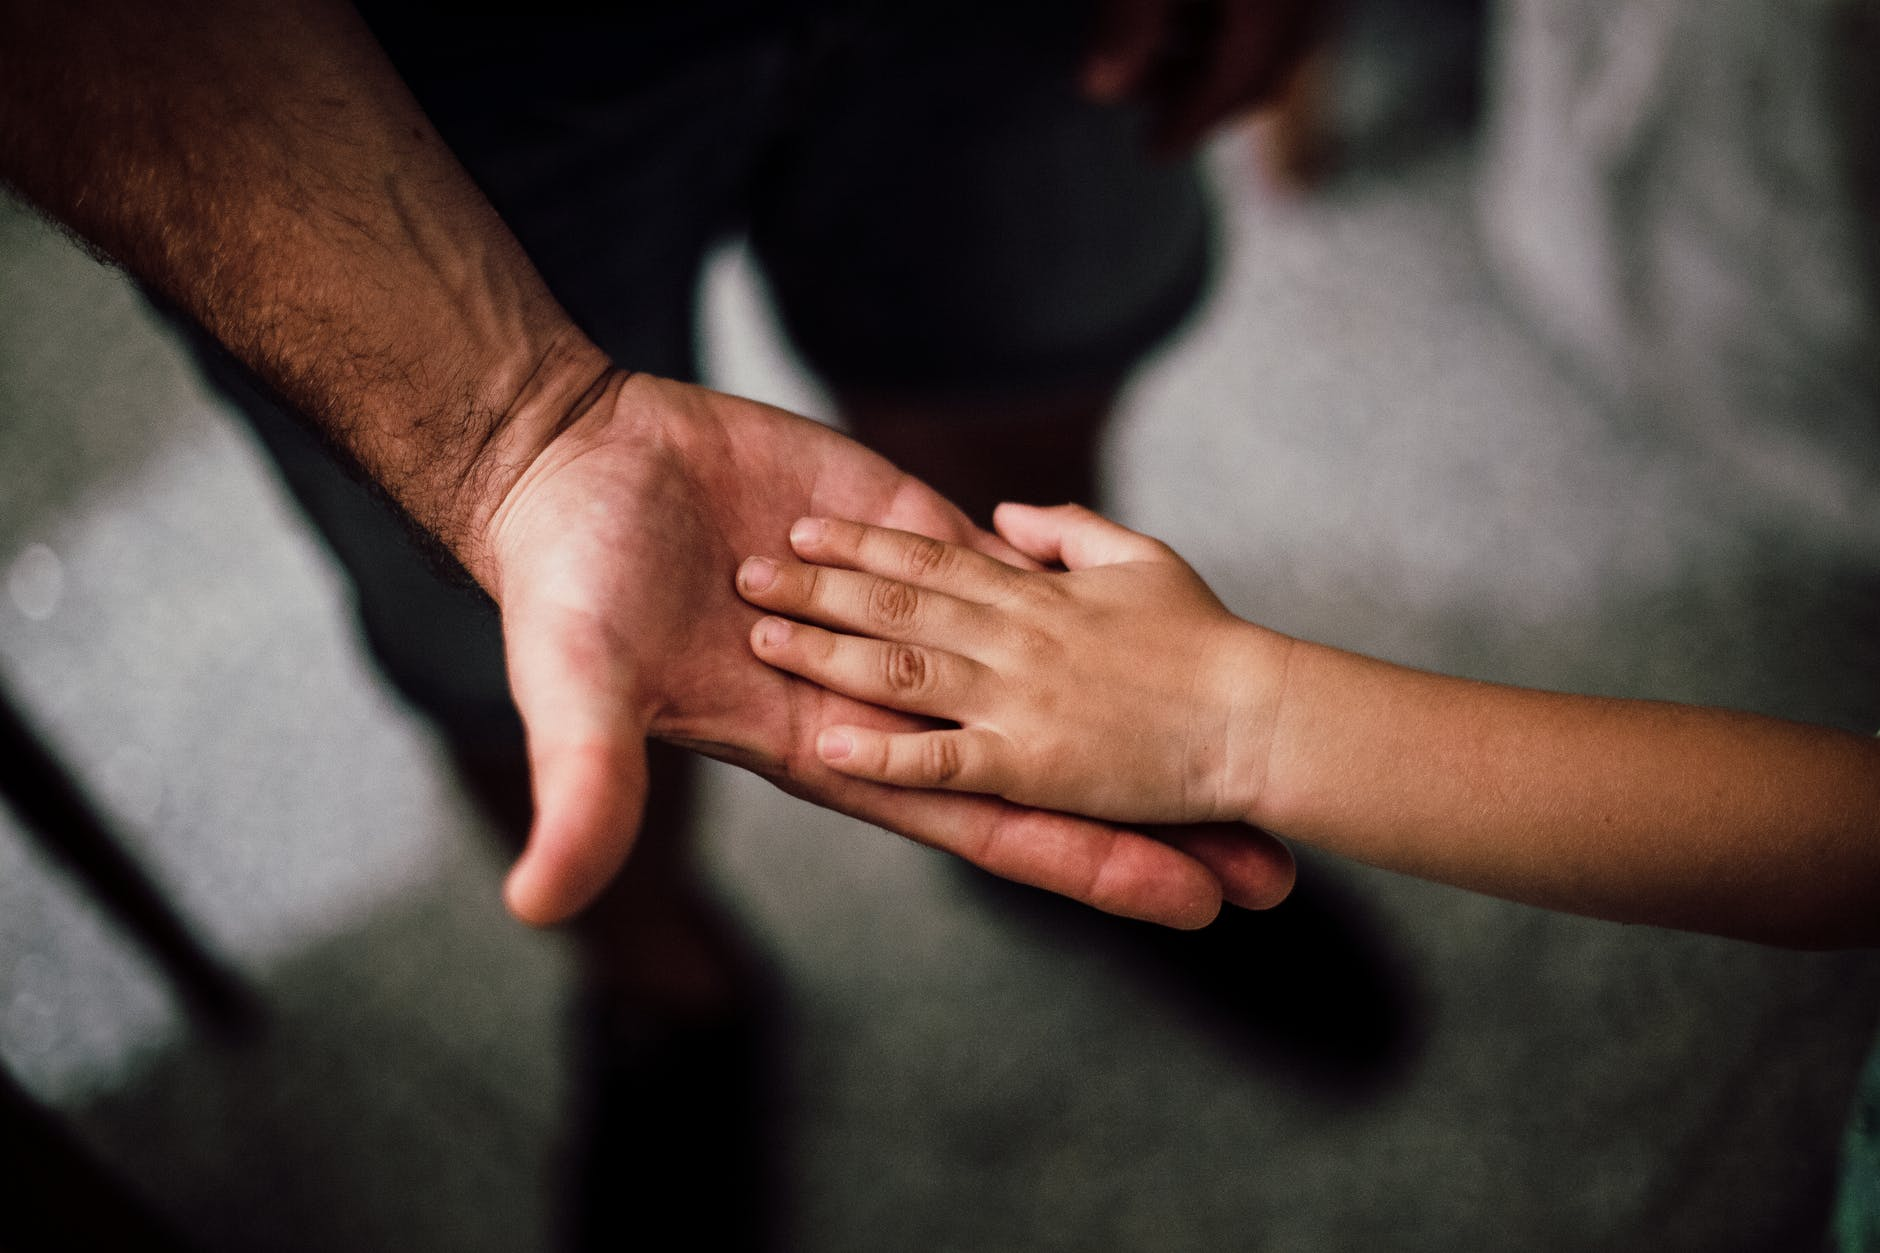 Thay vì chỉ biết xót xa khi con bị cô lập, đây mới là 5 điều cần thiết mà bố mẹ cần phải làm để giúp con thoát khỏi bi kịch này - Ảnh 3.